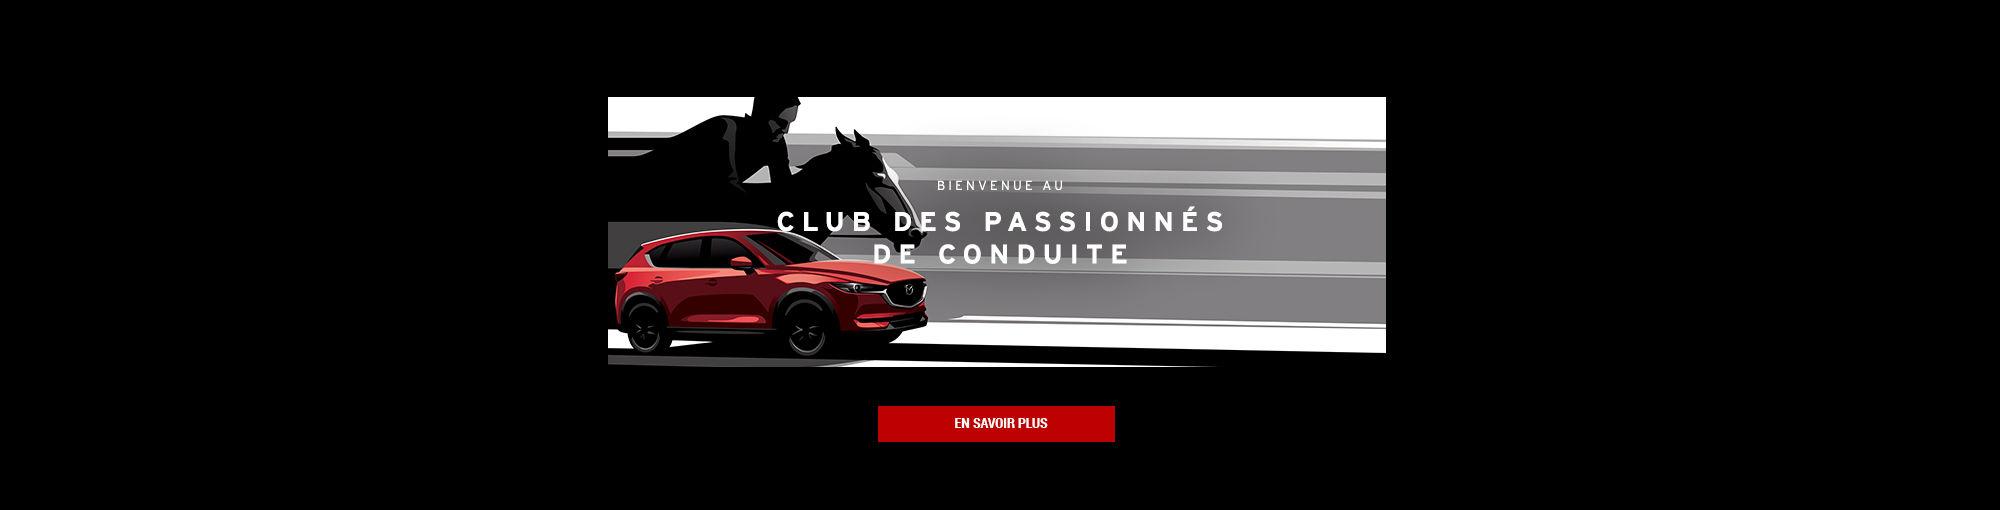 Club Passionnés Conduite main header février